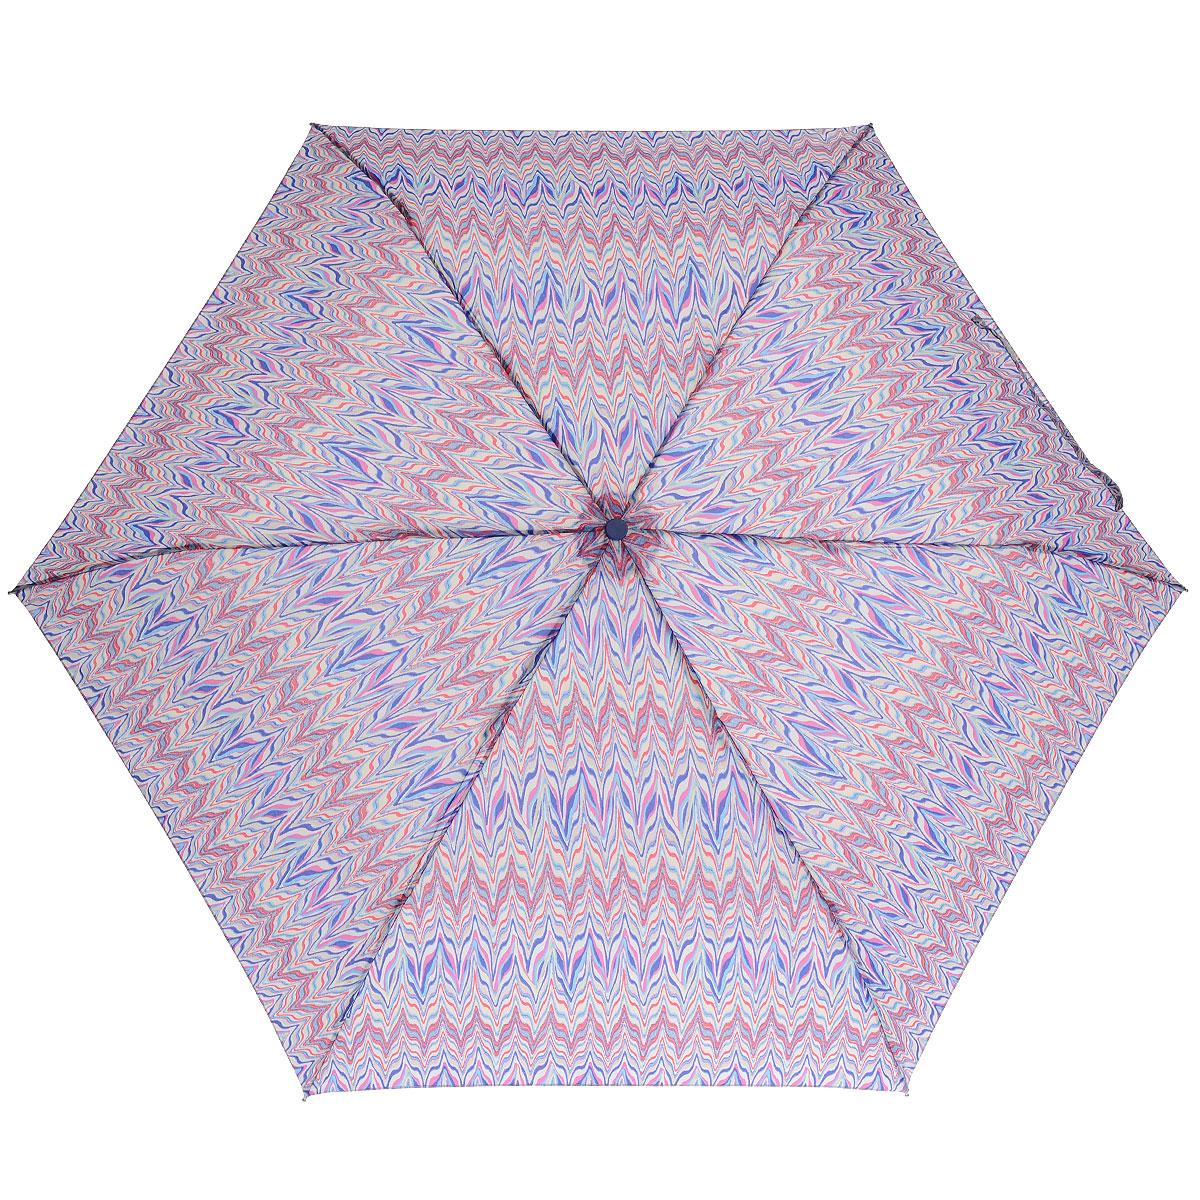 """Зонт женский Fulton Marble, механический, 3 сложения, цвет: синий, розовыйL553 3F264Стильный зонт Fulton """"Marble"""" защитит от непогоды, а его компактный размер позволит вам всегда носить его с собой. """"Ветростойкий"""" алюминиевый каркас в 3 сложения состоит из шести спиц с элементами из фибергласса, зонт оснащен удобной рукояткой из пластика. Купол зонта выполнен из прочного полиэстера и оформлен ярким орнаментом. На рукоятке для удобства есть небольшой шнурок-резинка, позволяющий надеть зонт на руку тогда, когда это будет необходимо. К зонту прилагается чехол на липучке. Зонт механического сложения: купол открывается и закрывается вручную, стержень также складывается вручную до характерного щелчка."""